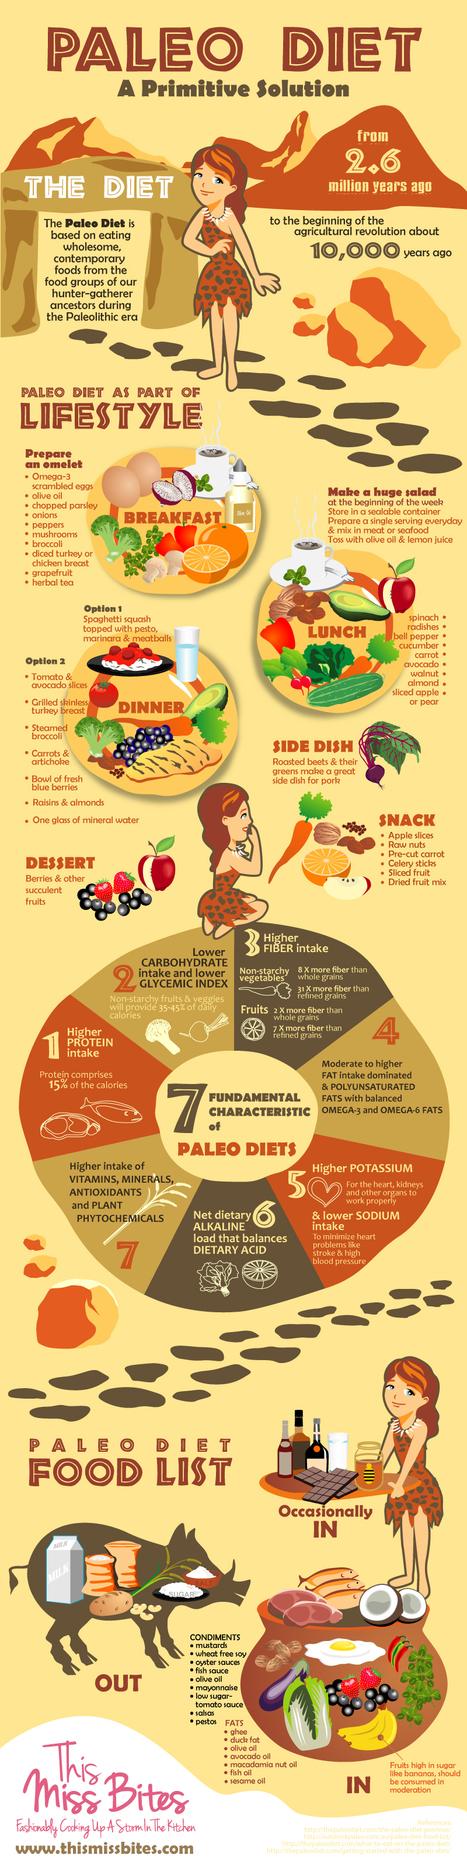 Paleo Diet: A Primitive Solution | Infographics | Scoop.it